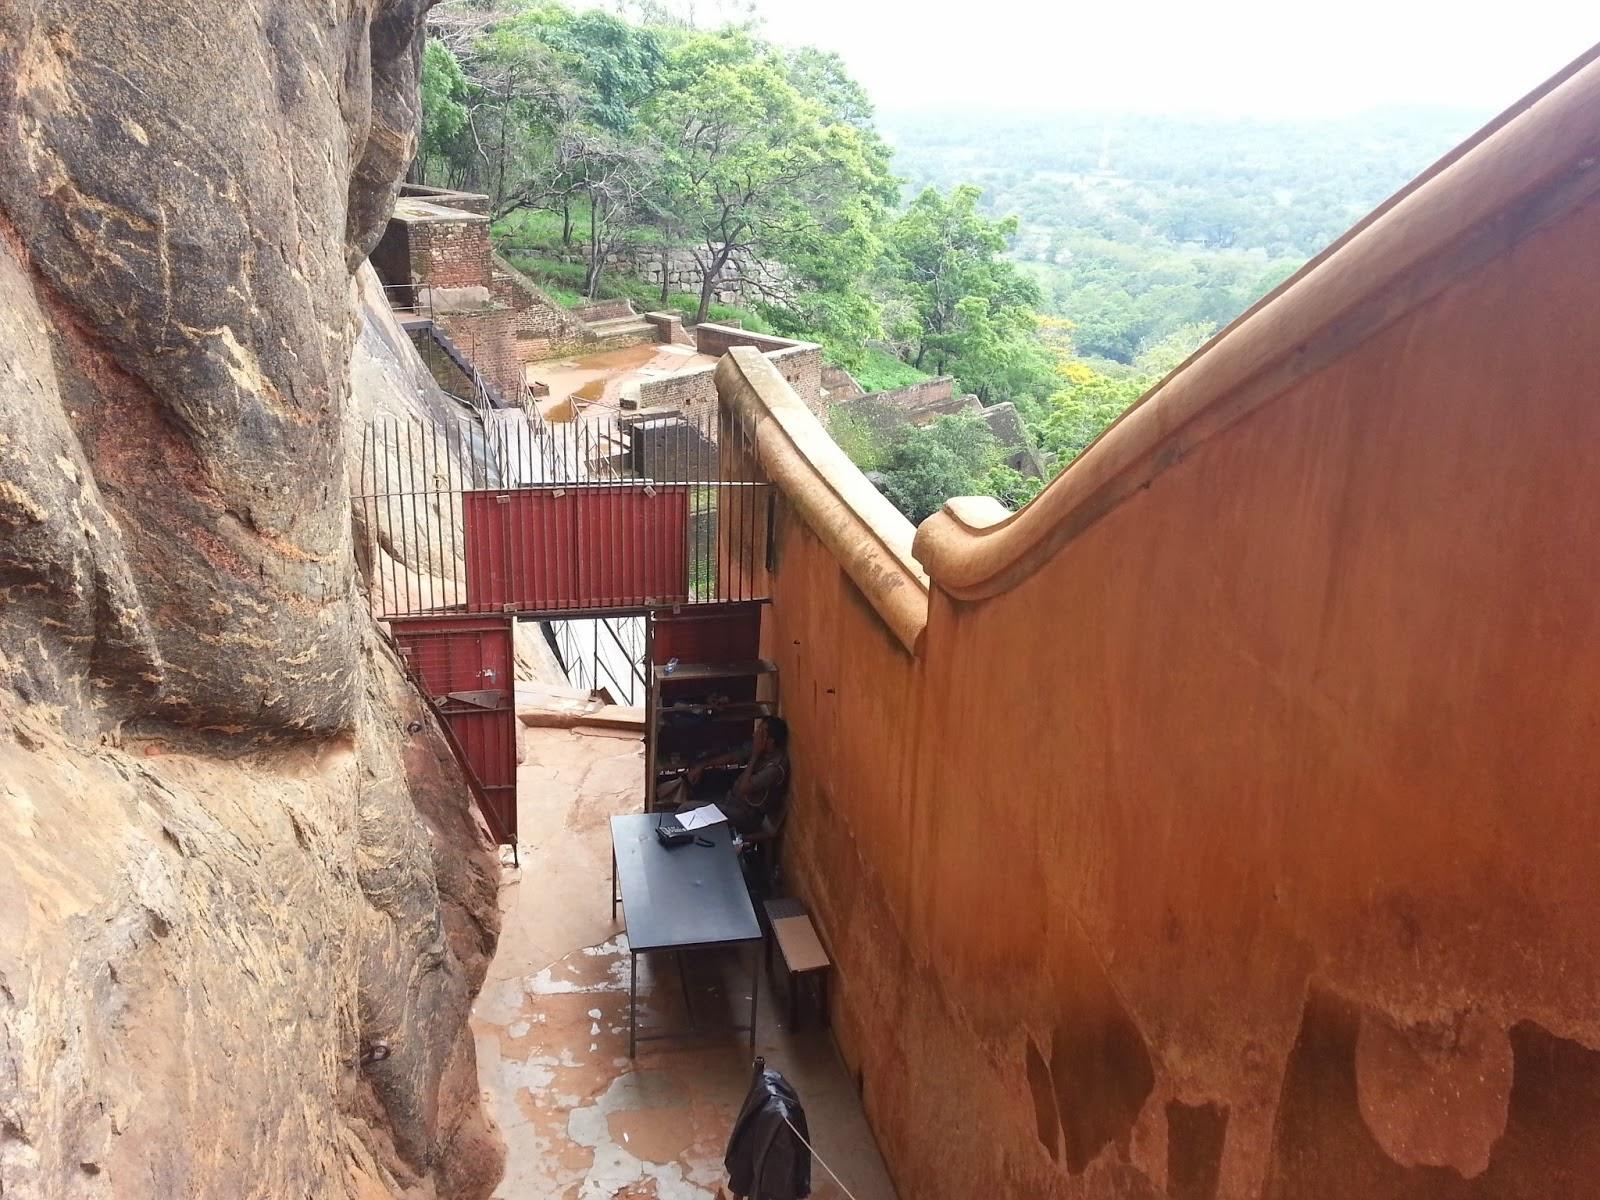 Зеркальная стена, Сигирия, Шри-Ланка, продвинутая технология древних цивилизаций, доказательства альтернативной истории